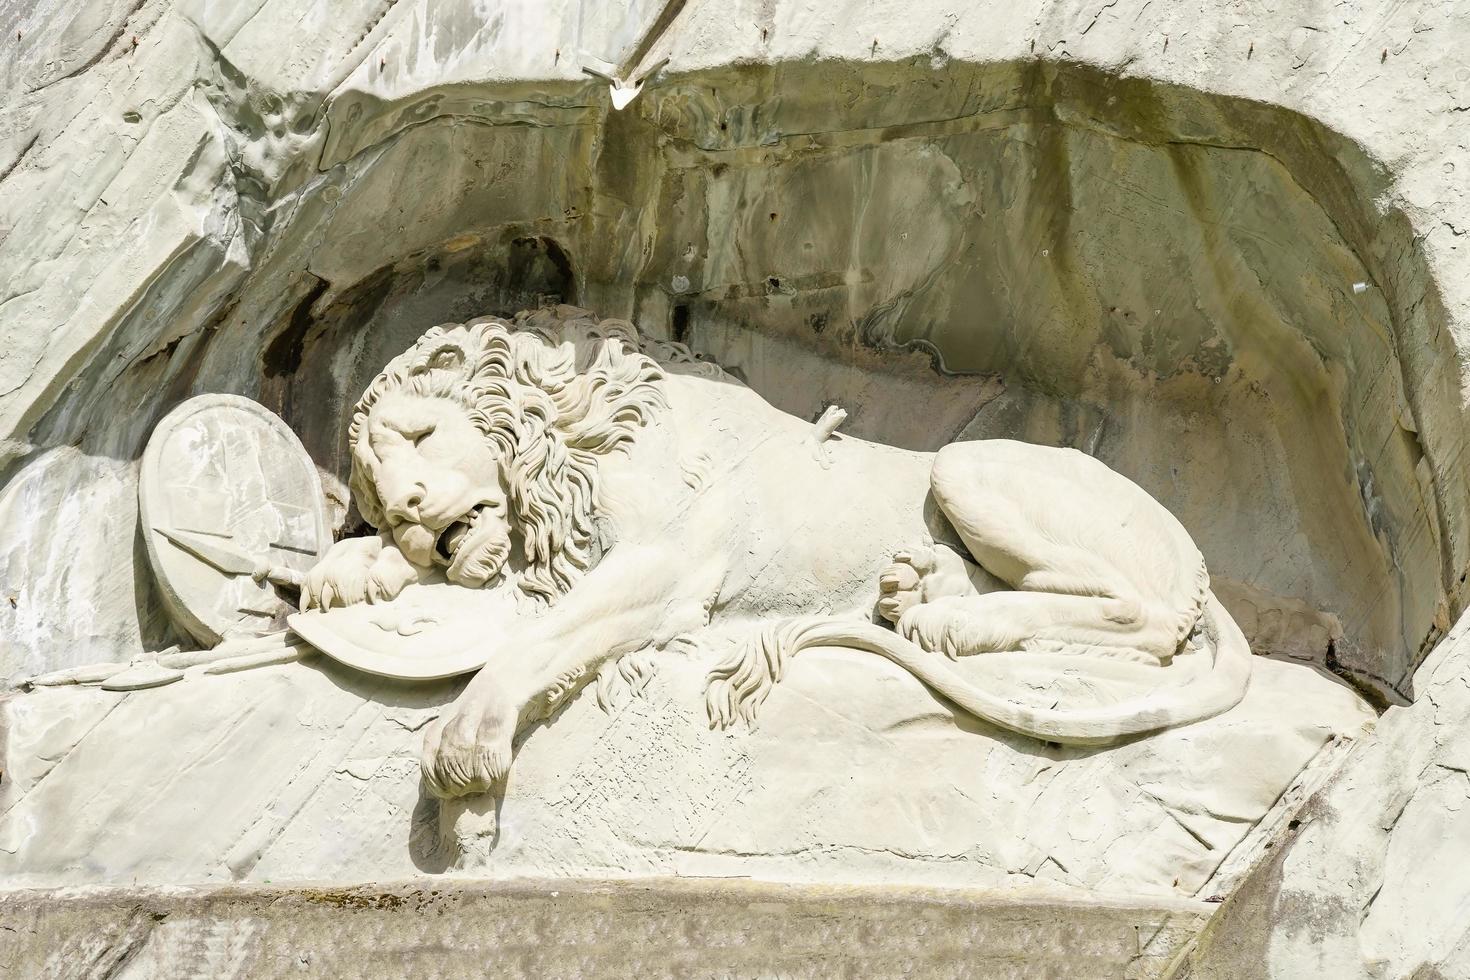 El monumento del león o el león de Lucerna es un relieve rocoso en Lucerna, Suiza foto